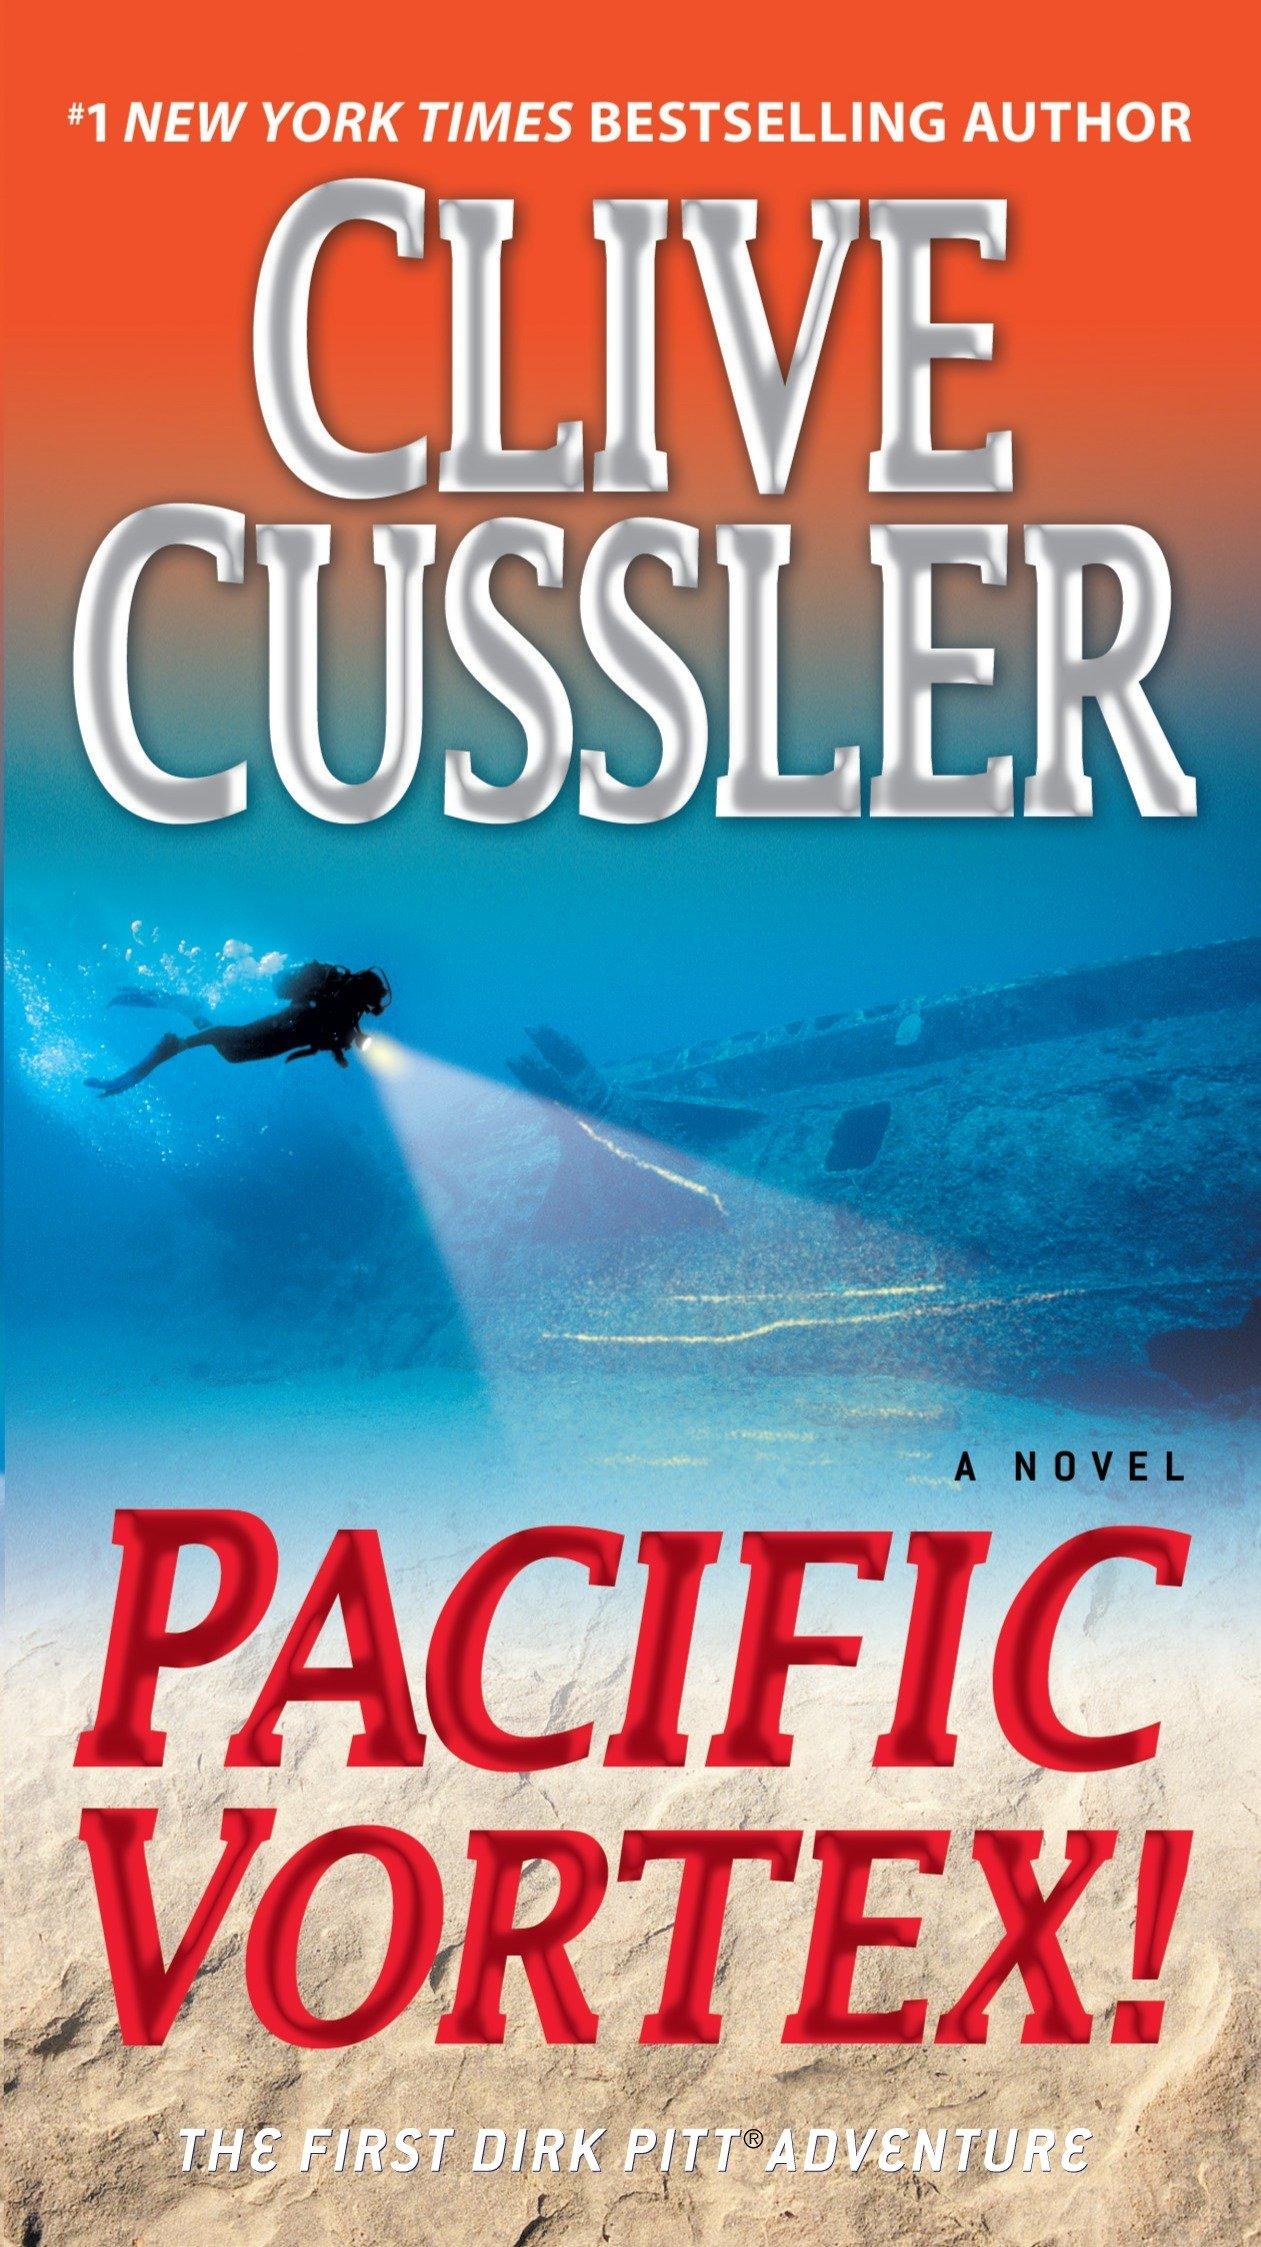 A Novel (Dirk Pitt Adventure) (9780553593457): Clive Cussler: Books